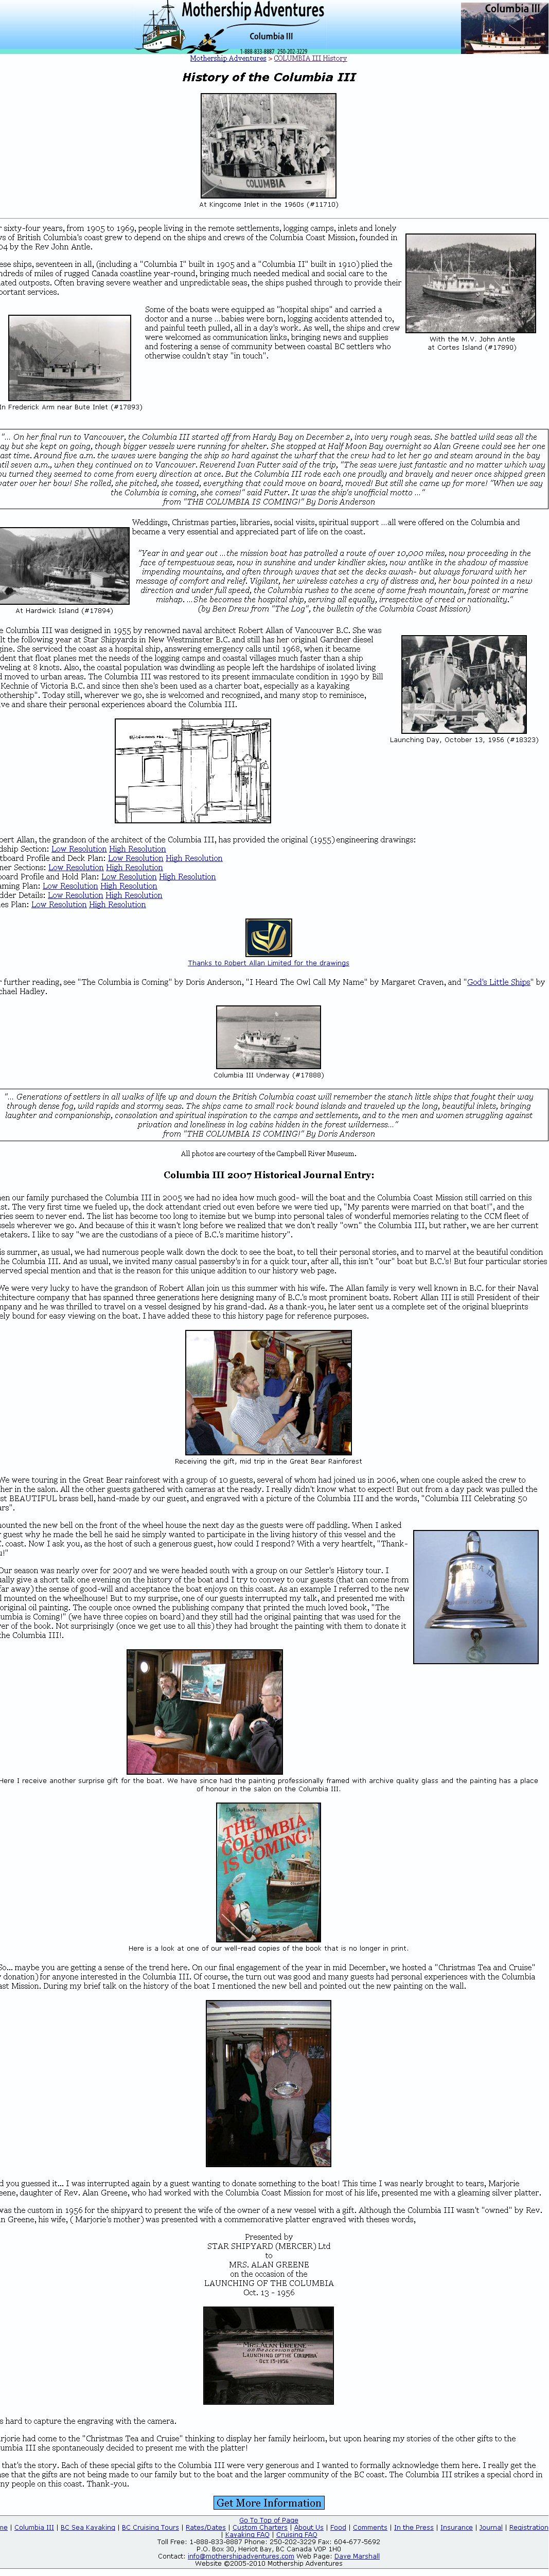 Columbia III History